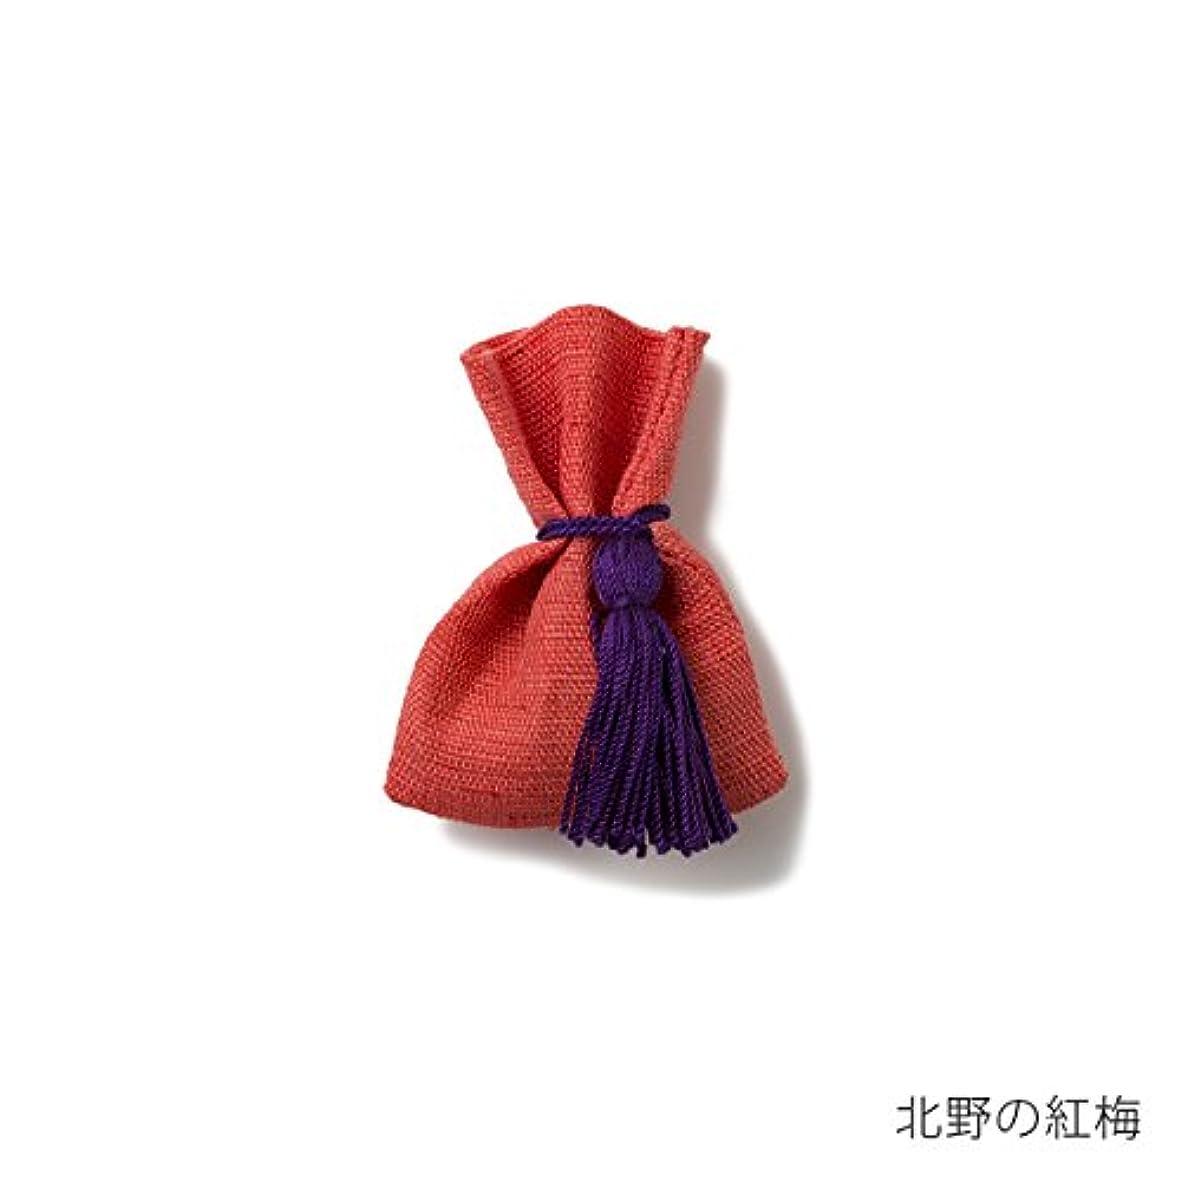 運搬デイジー翻訳する【薫玉堂】 京の香り 香袋 北野の紅梅